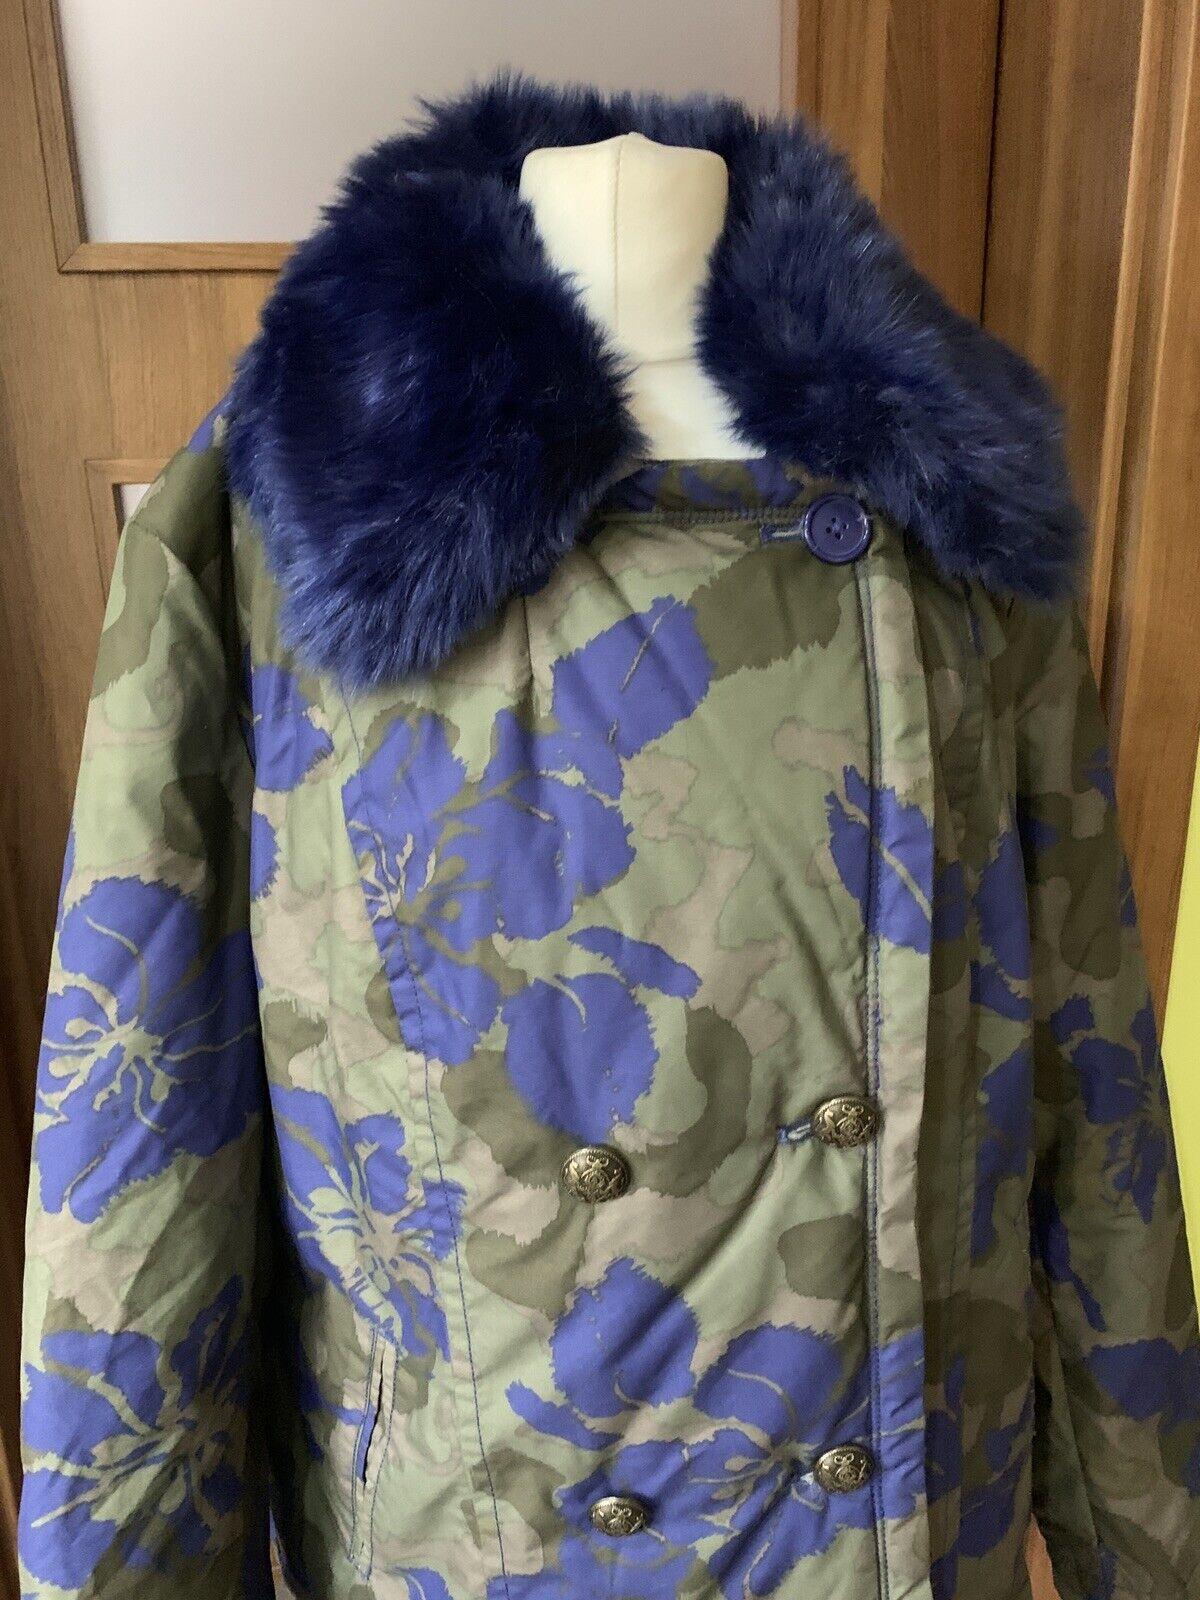 Bonprix Selection Premium Coat bluee Faux Fur Khaki Floral Floral Floral Camo Size ffcdad